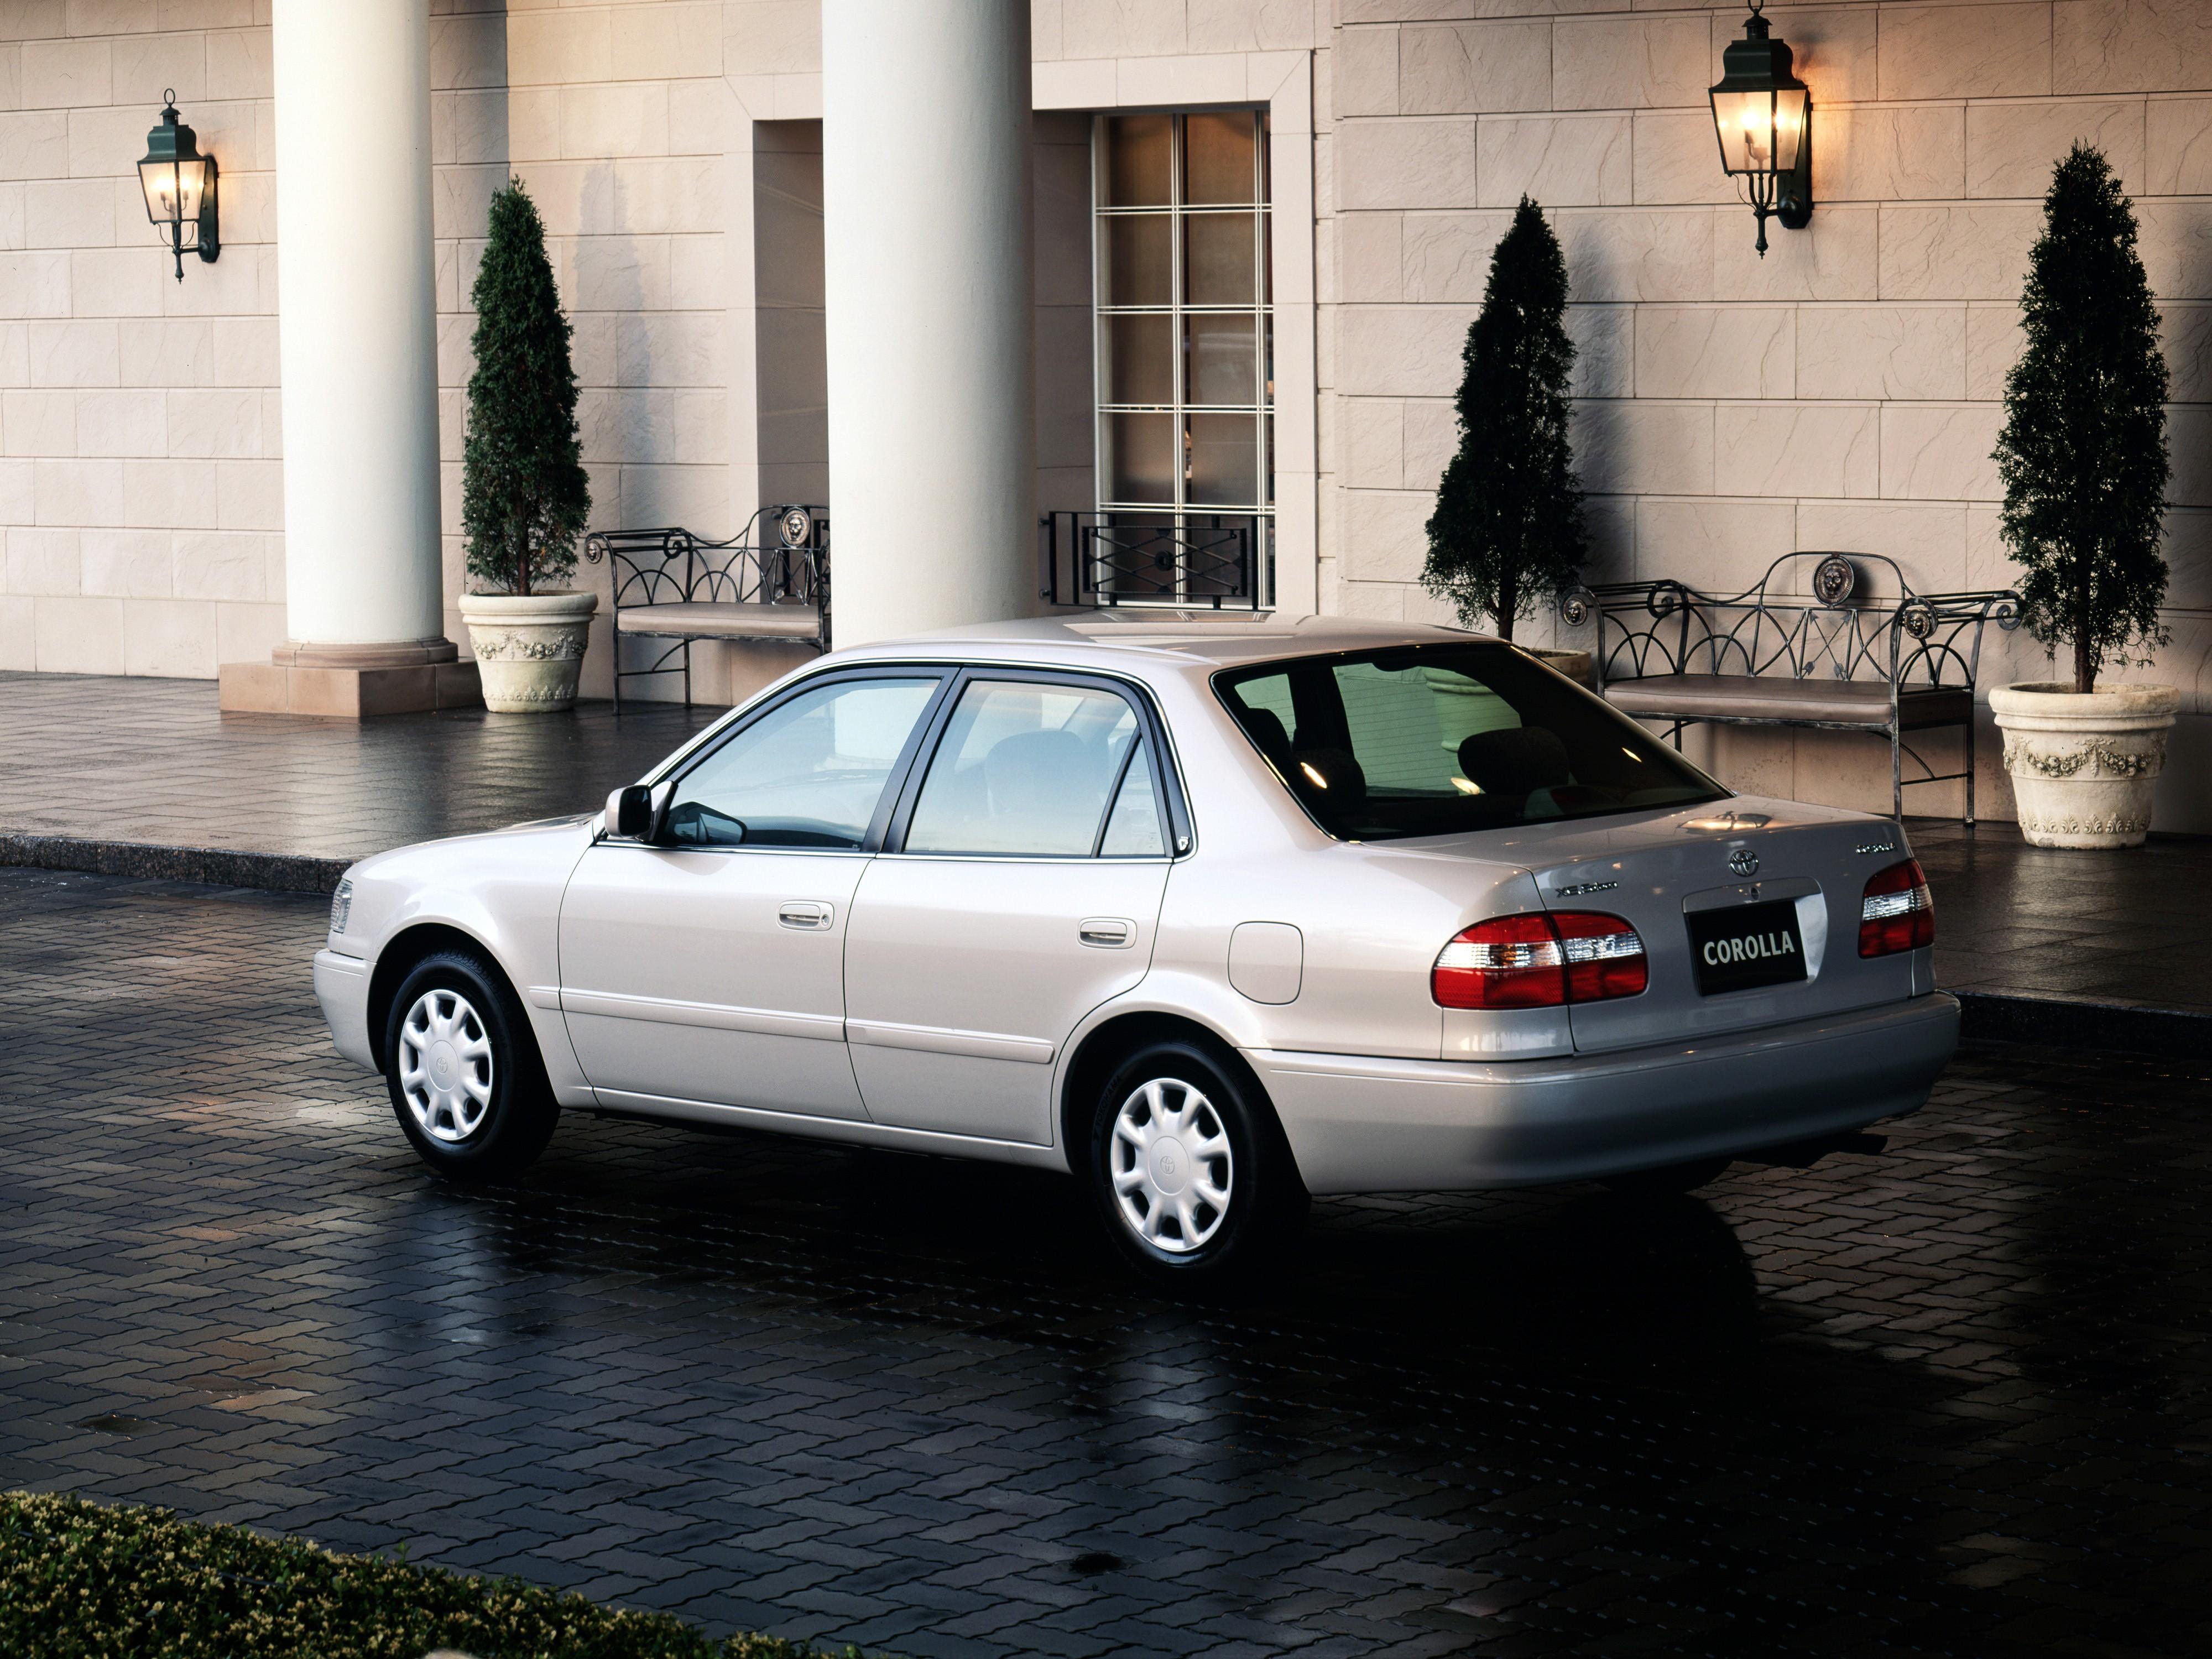 встречу нужно тойота королла старый кузов седан фото тема уже раскрыта